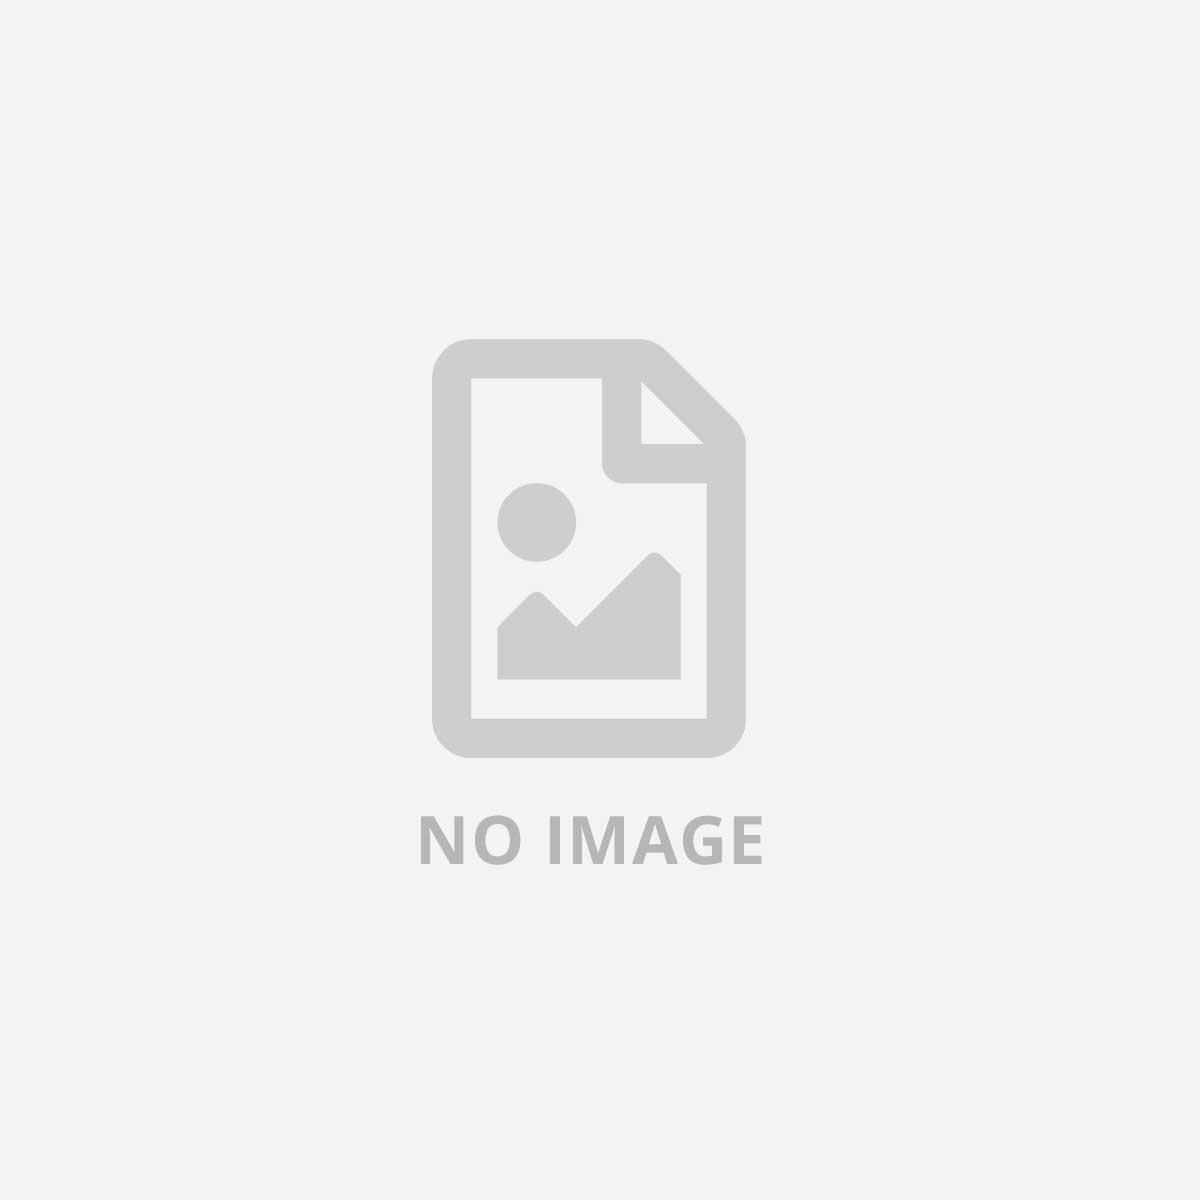 STARTECH CONVERTITORE SSD MSATA A SATA